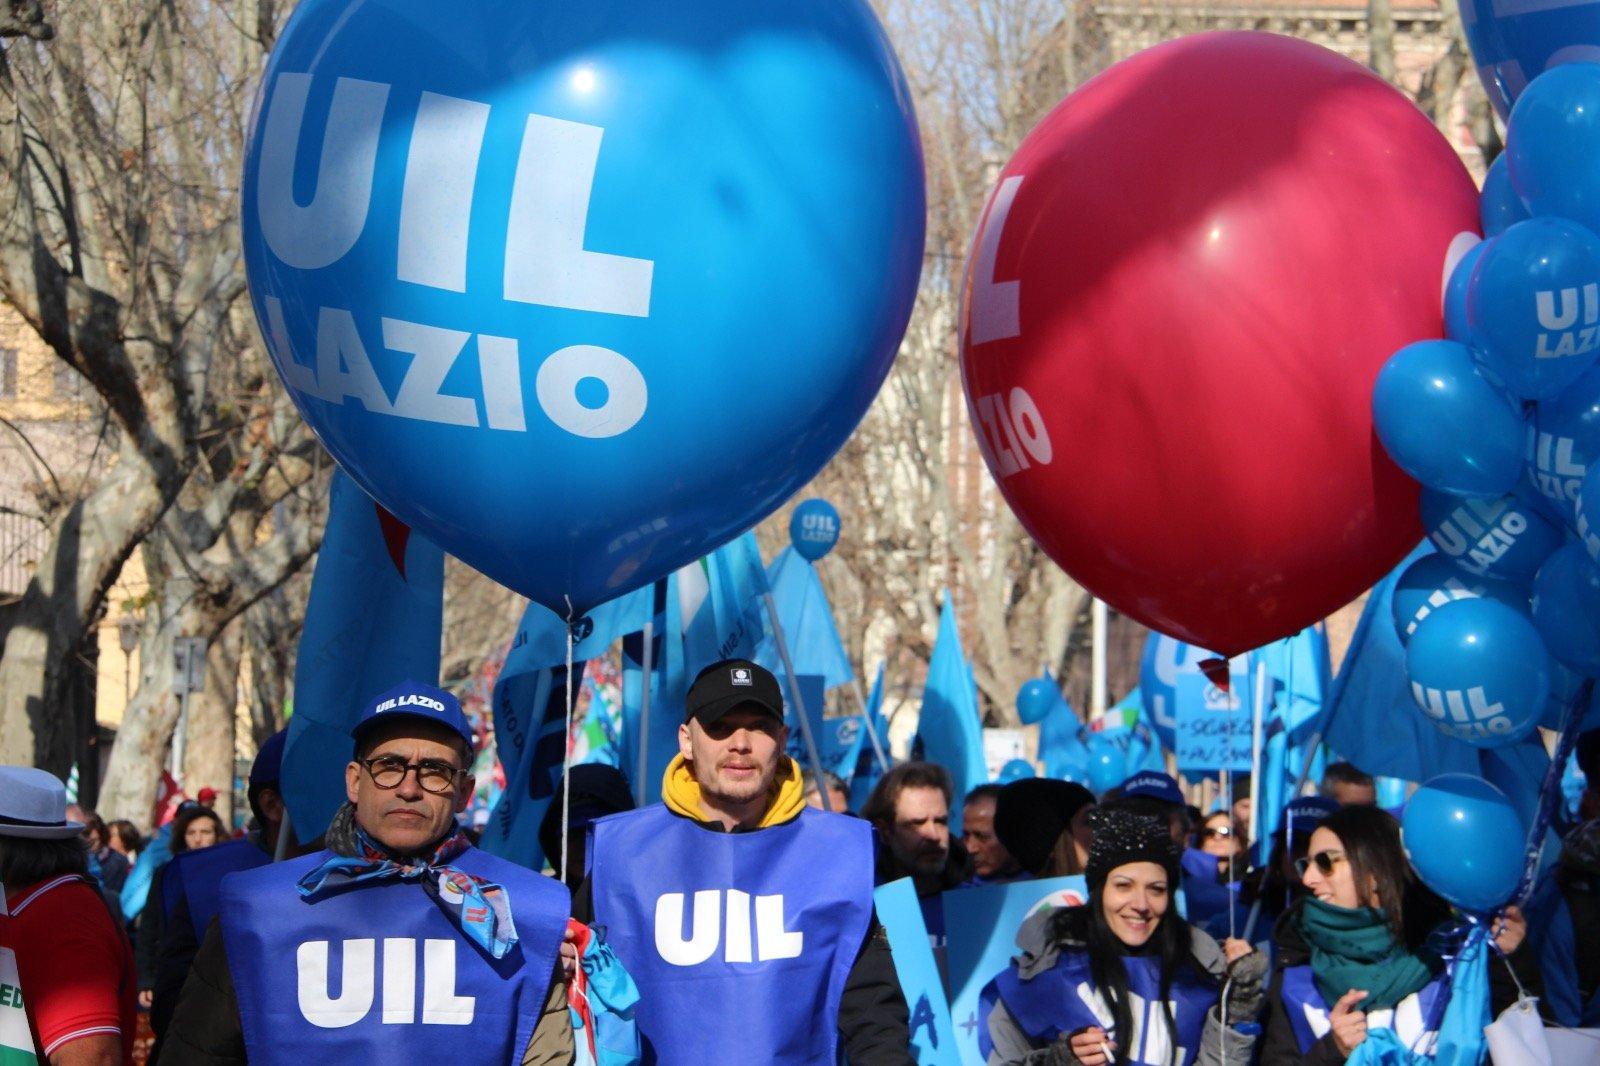 La nostra onda blu di sabato 9 febbraio. #FuturoalLavoro